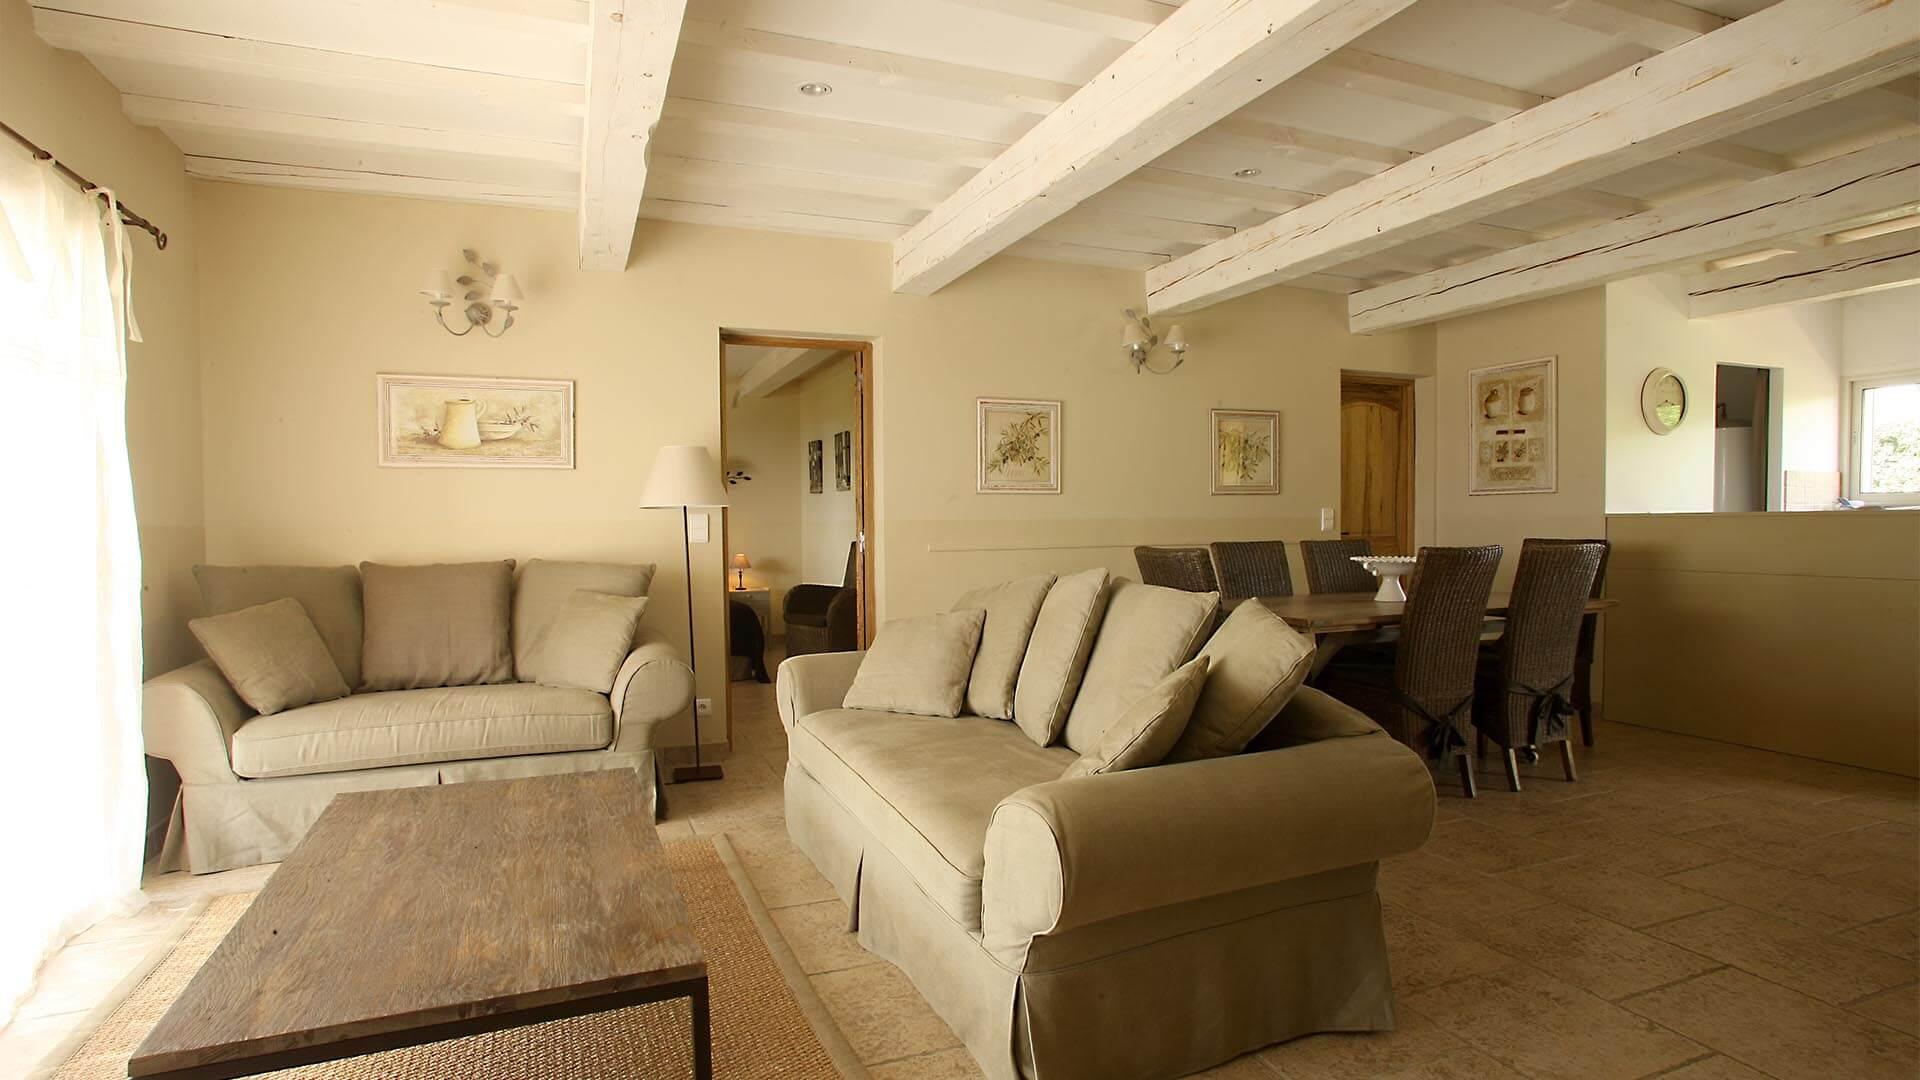 Maison de vacances à louer Provence Alpes Côte d'Azur | Villa les oliviers | Salon, salle à manger avec climatisation